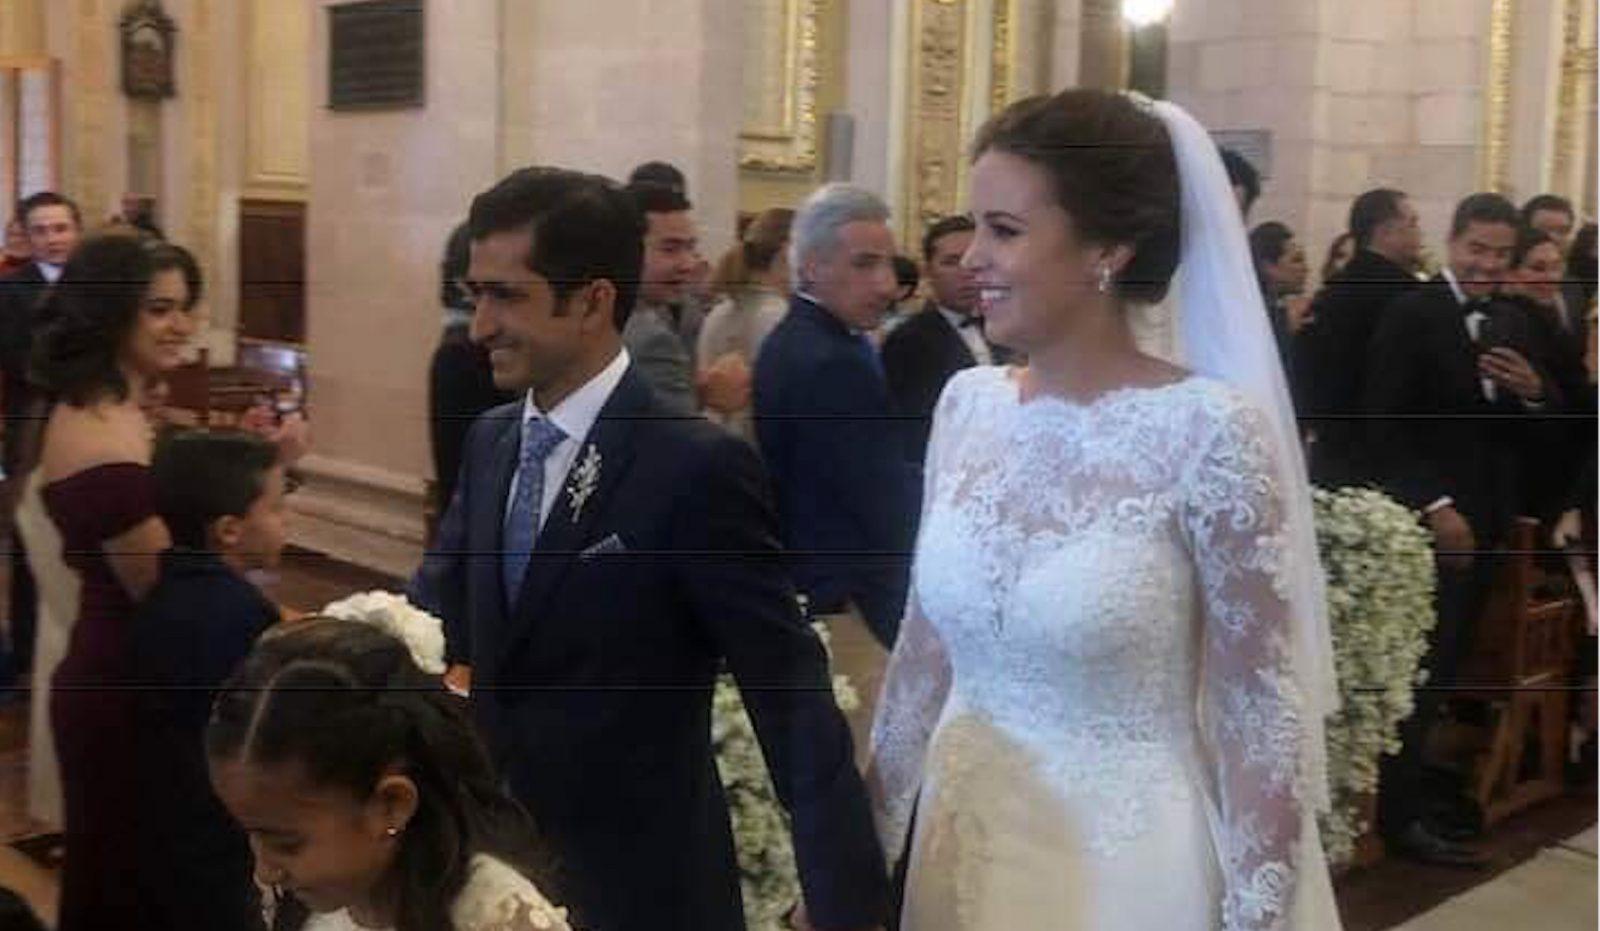 JOSELITO ADAME célèbre ses noces avec Estefanía Herrera